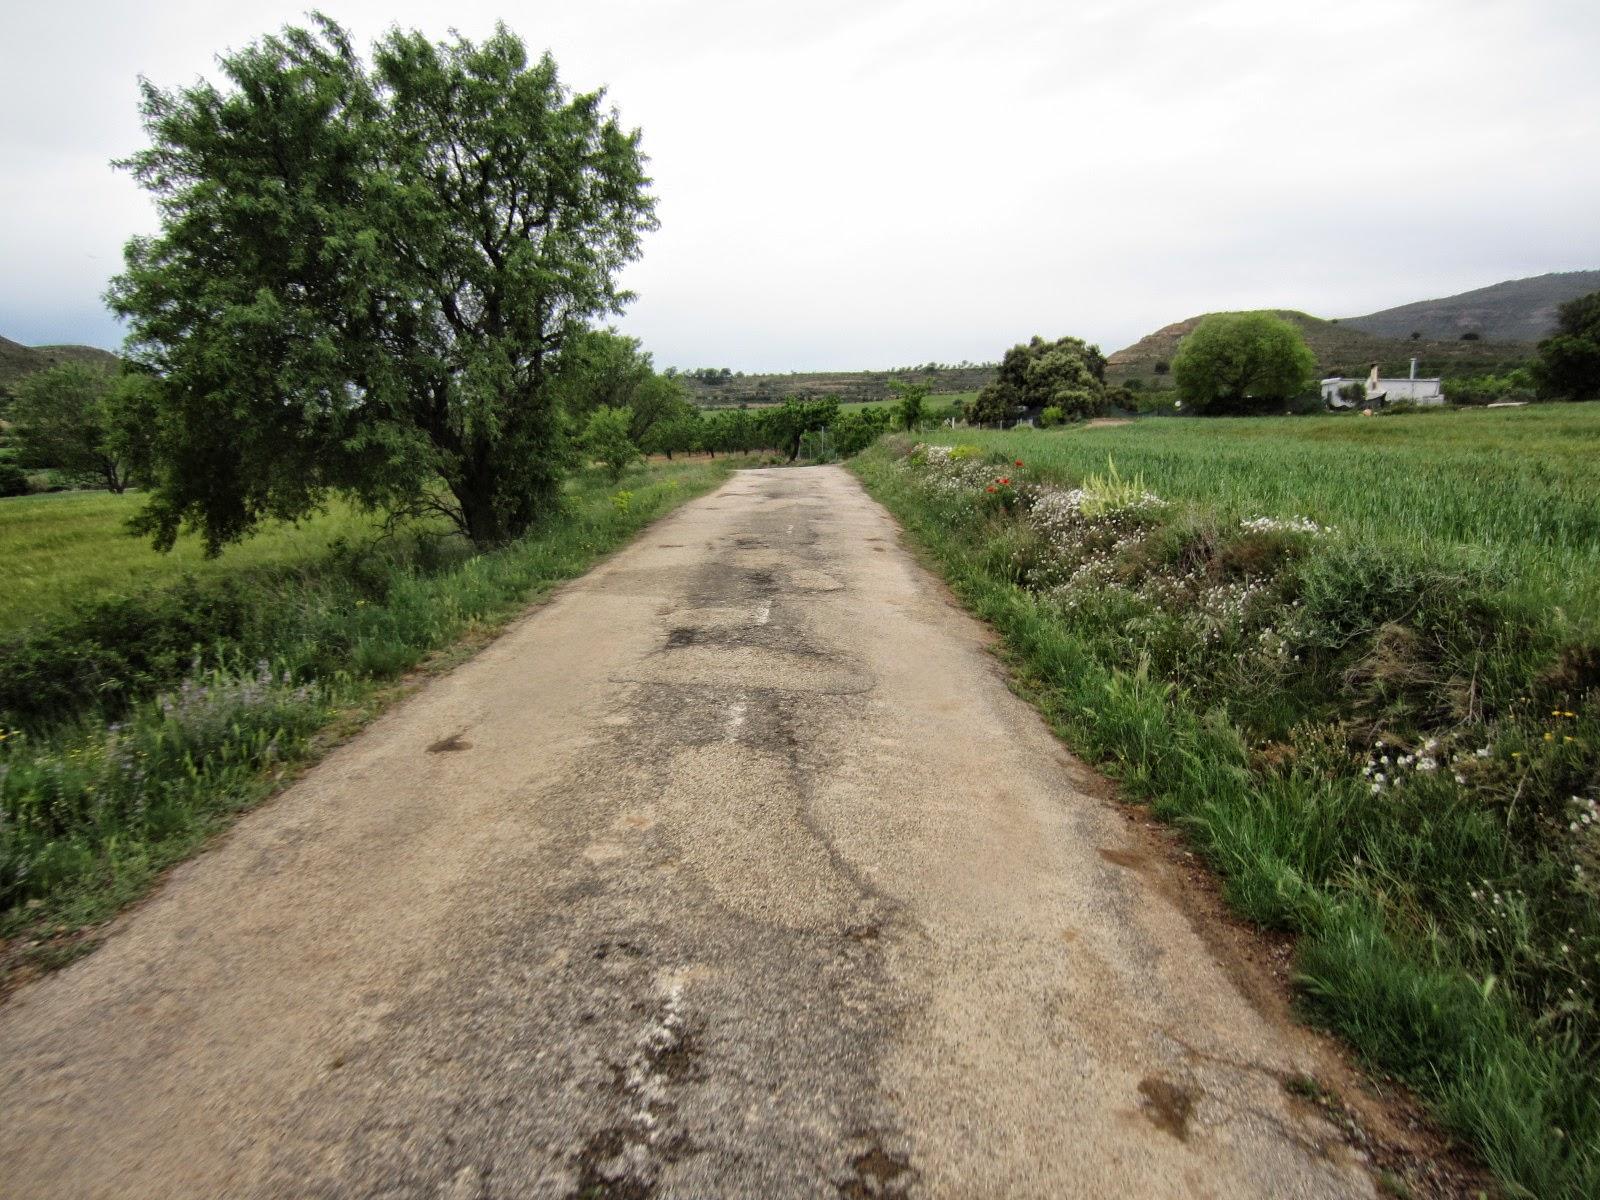 Amb bicicleta cam catala per st joan de la penya 3 maig osca san juan de la penya santa - Casa rufino bolea ...